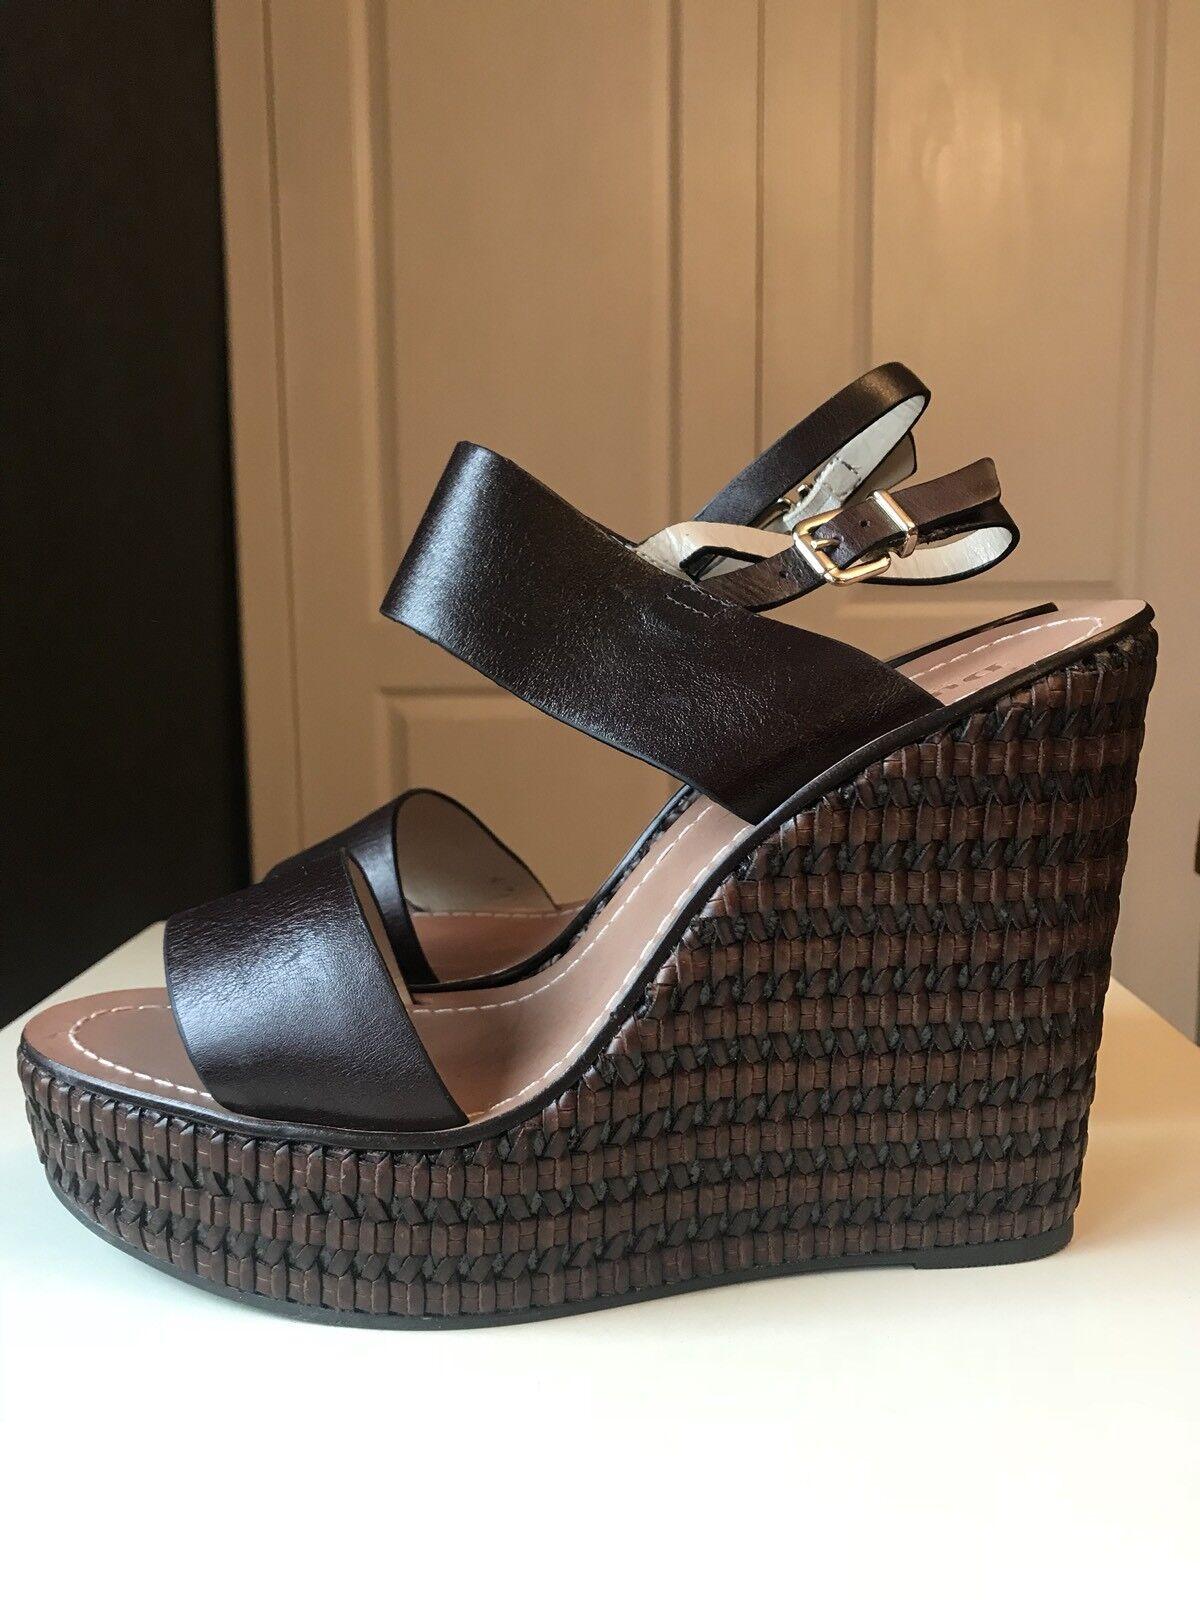 Duna Damas Damas Damas Mujeres Cuero Marrón Zapato De Cuña Sandalia De Plataforma De Mujer Talla 7 40  el precio más bajo